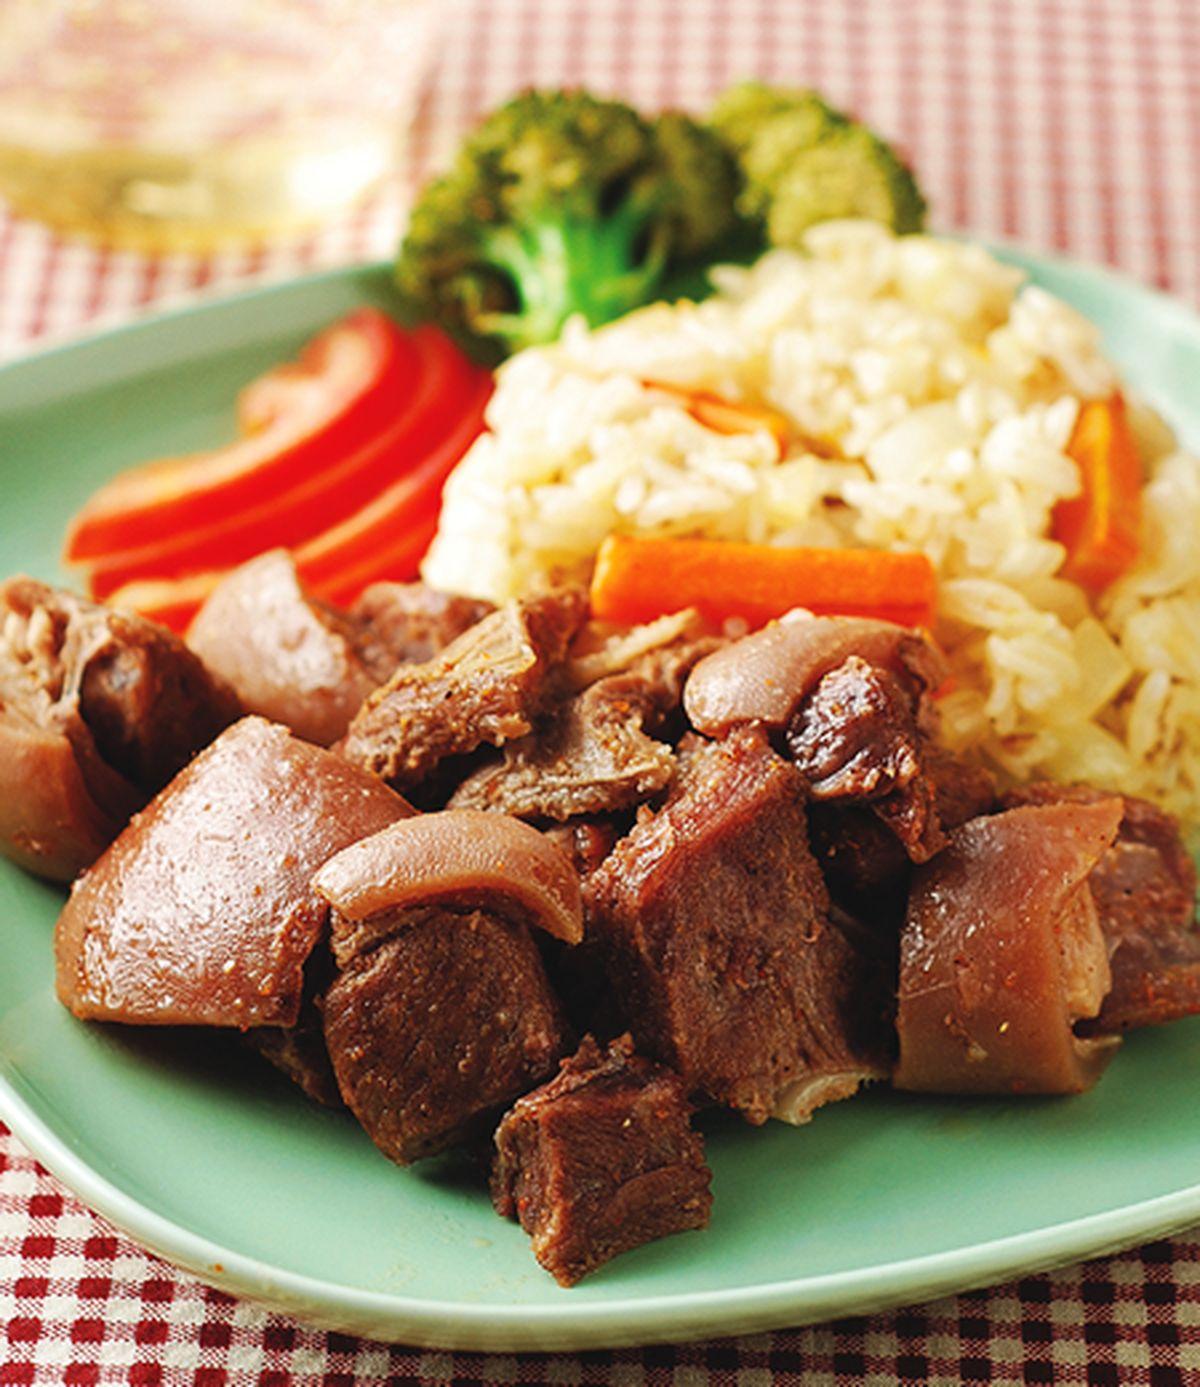 食譜:印度咖哩羊肉抓飯